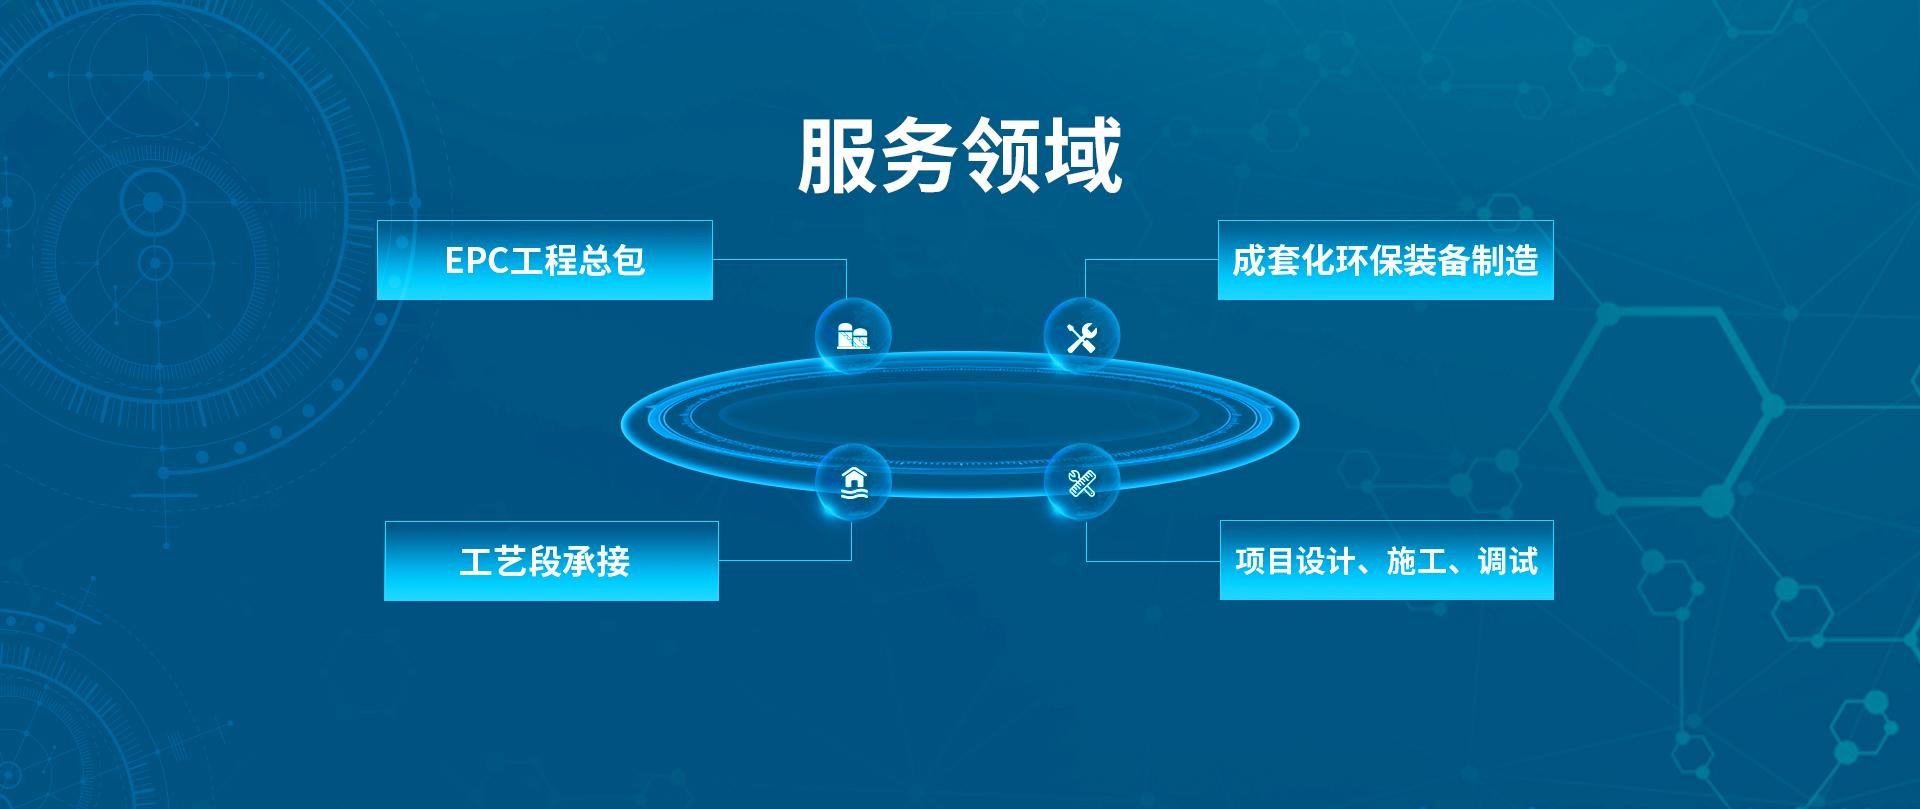 污水伟德betvictor中文公司服务